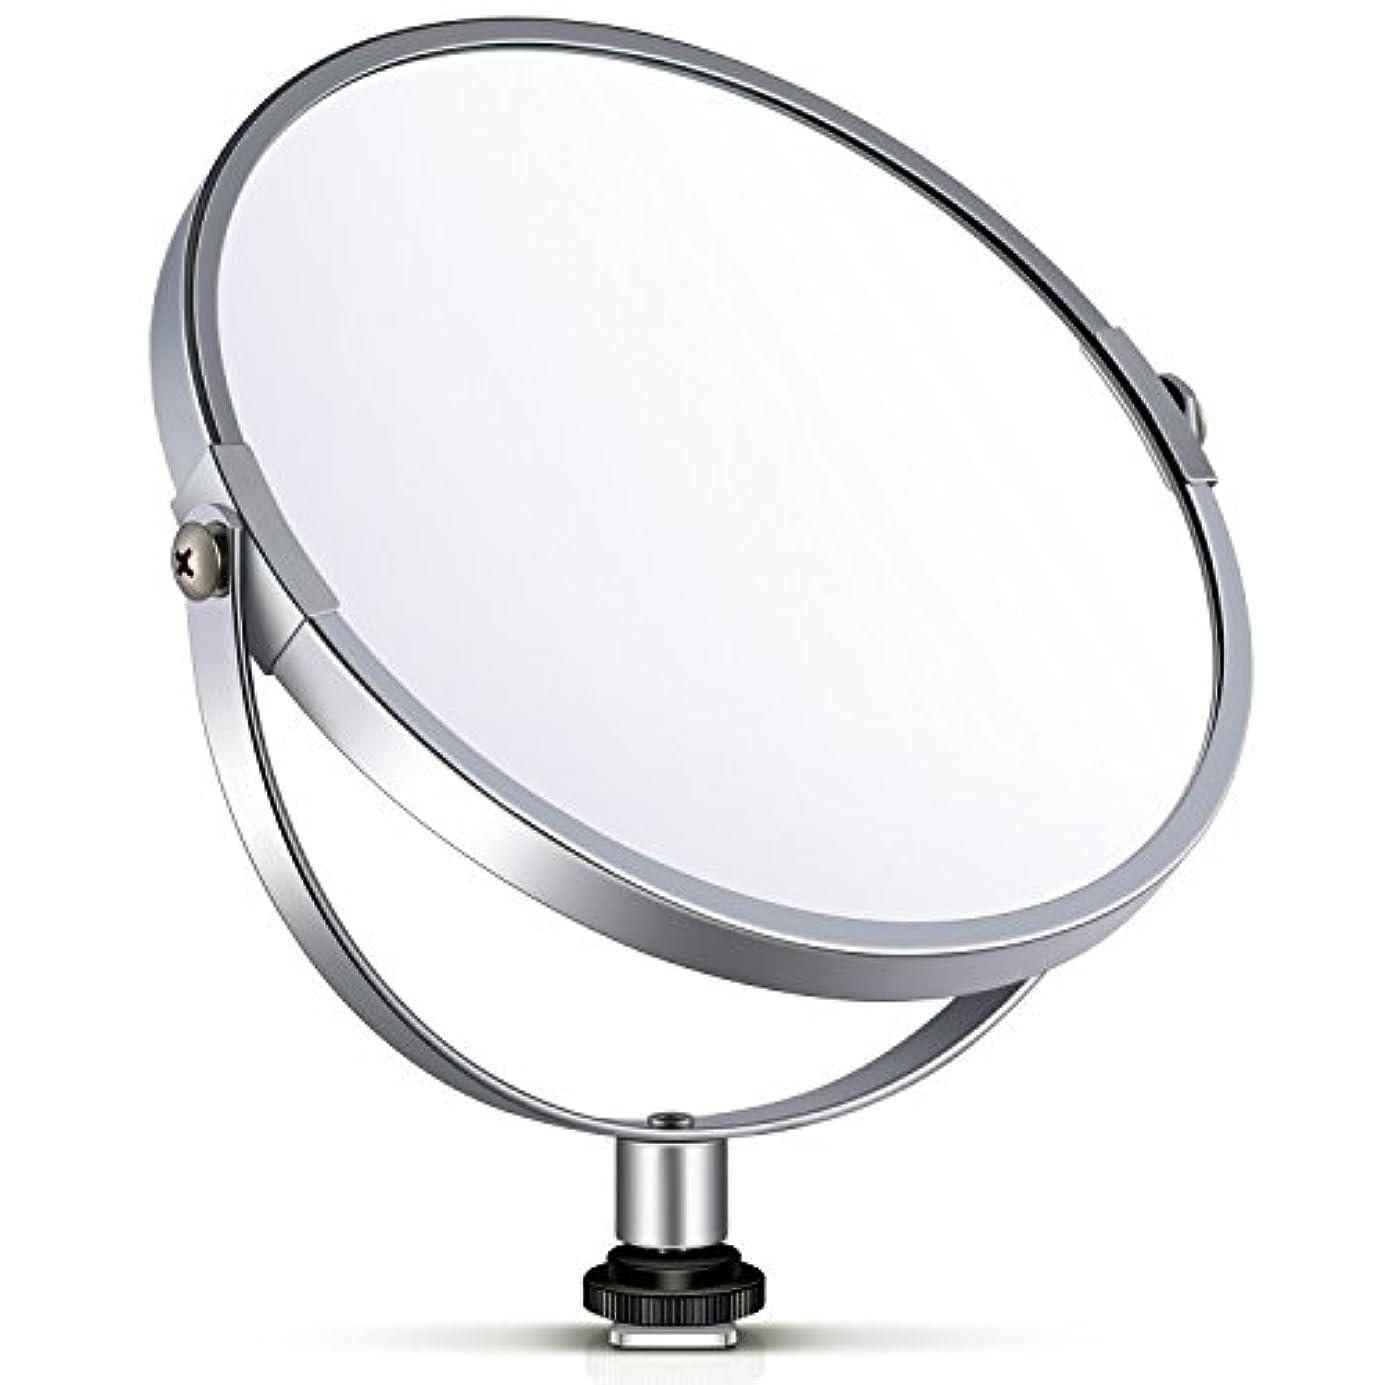 パン高速道路ディレクトリNeewer 両面鏡 拡大鏡 化粧鏡 6 in/15.2 cm 円形 14 inのリングライト 自撮り 化粧 ポートレート用アダプタ付